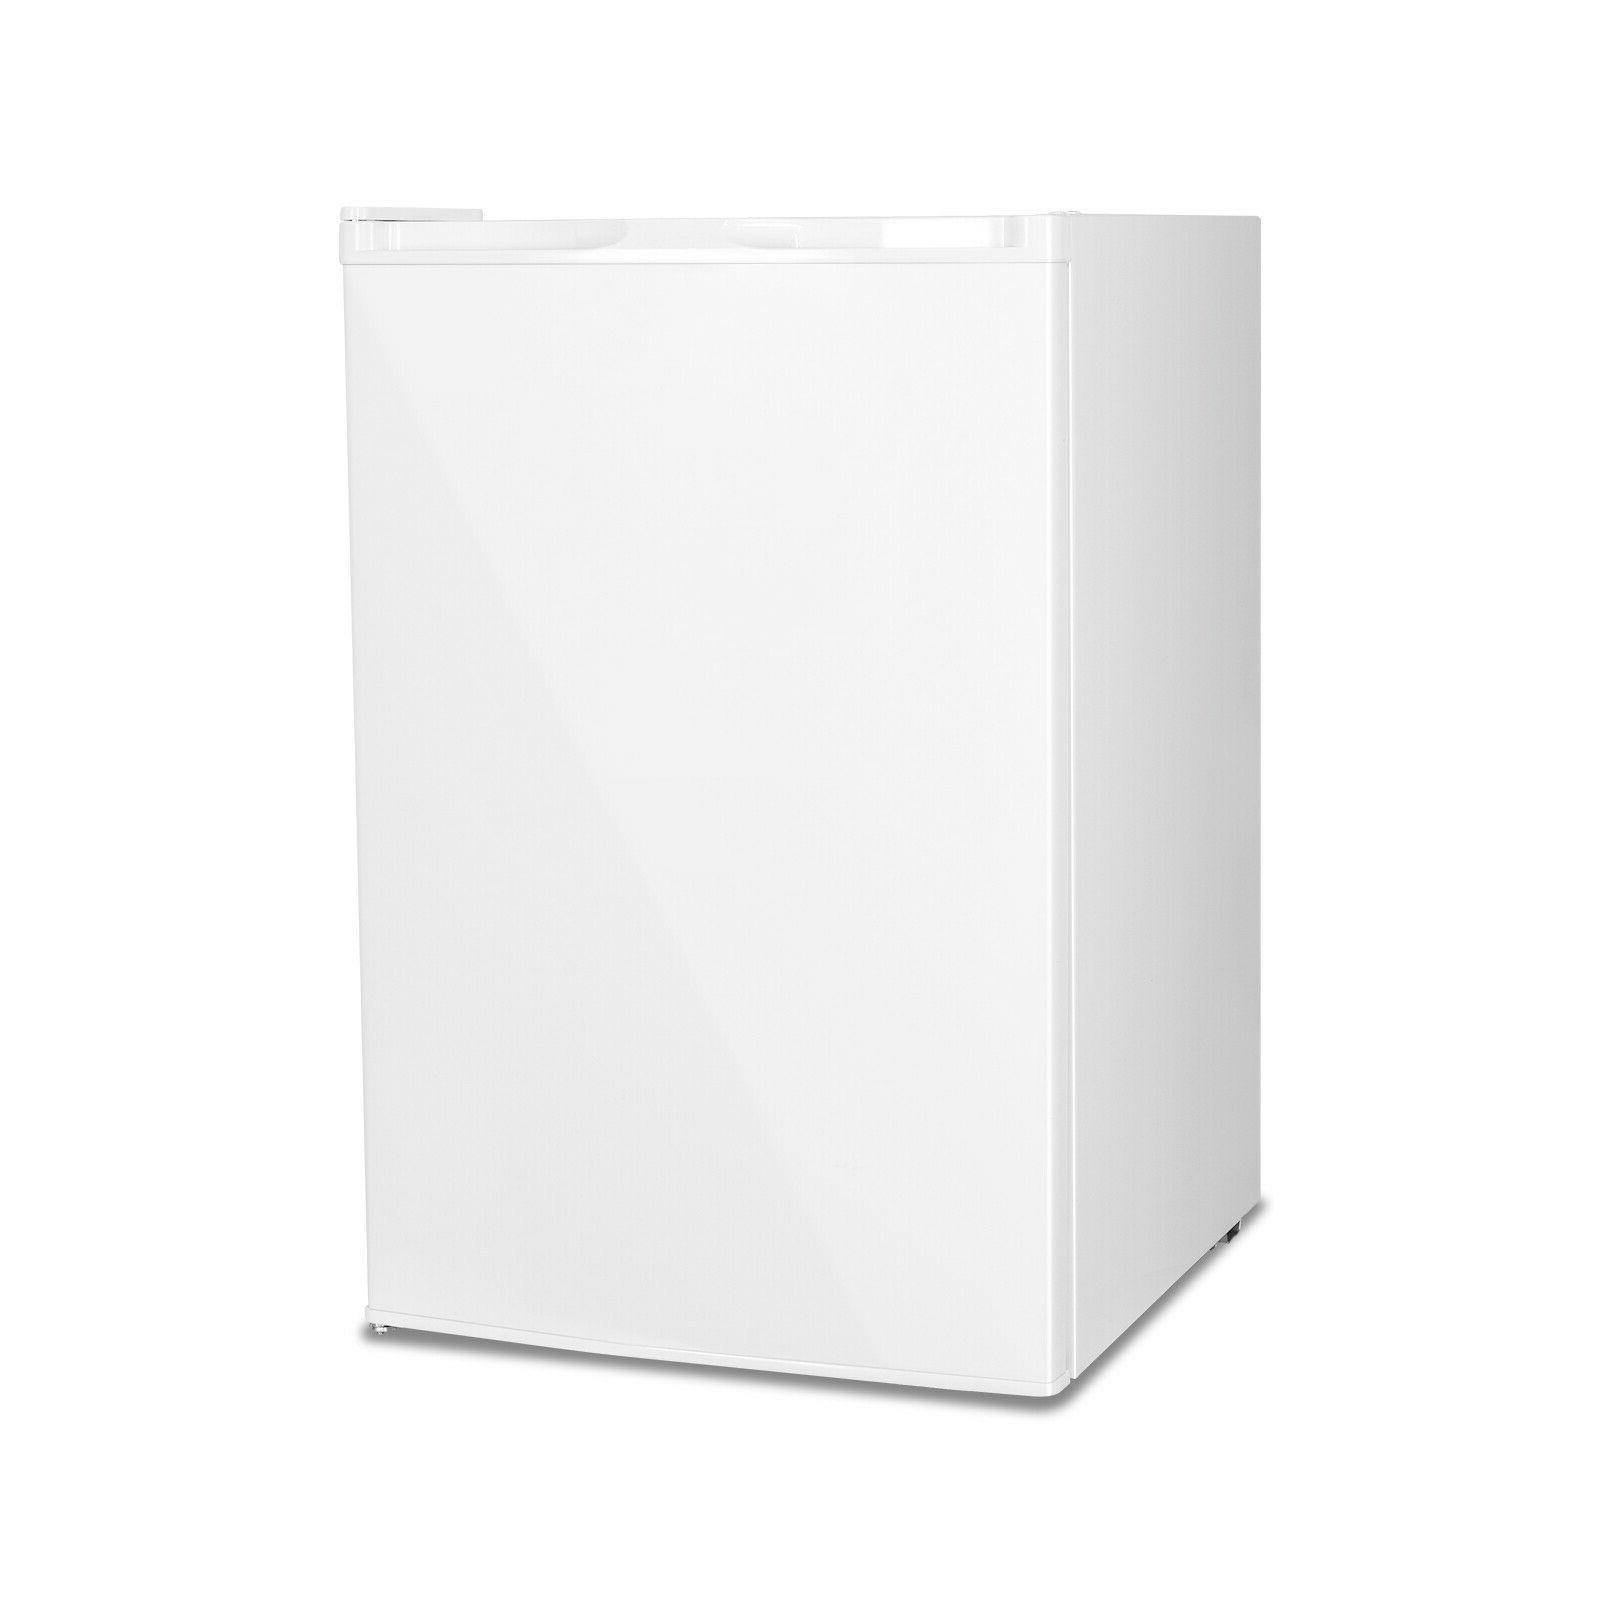 Upright CU Storage Door